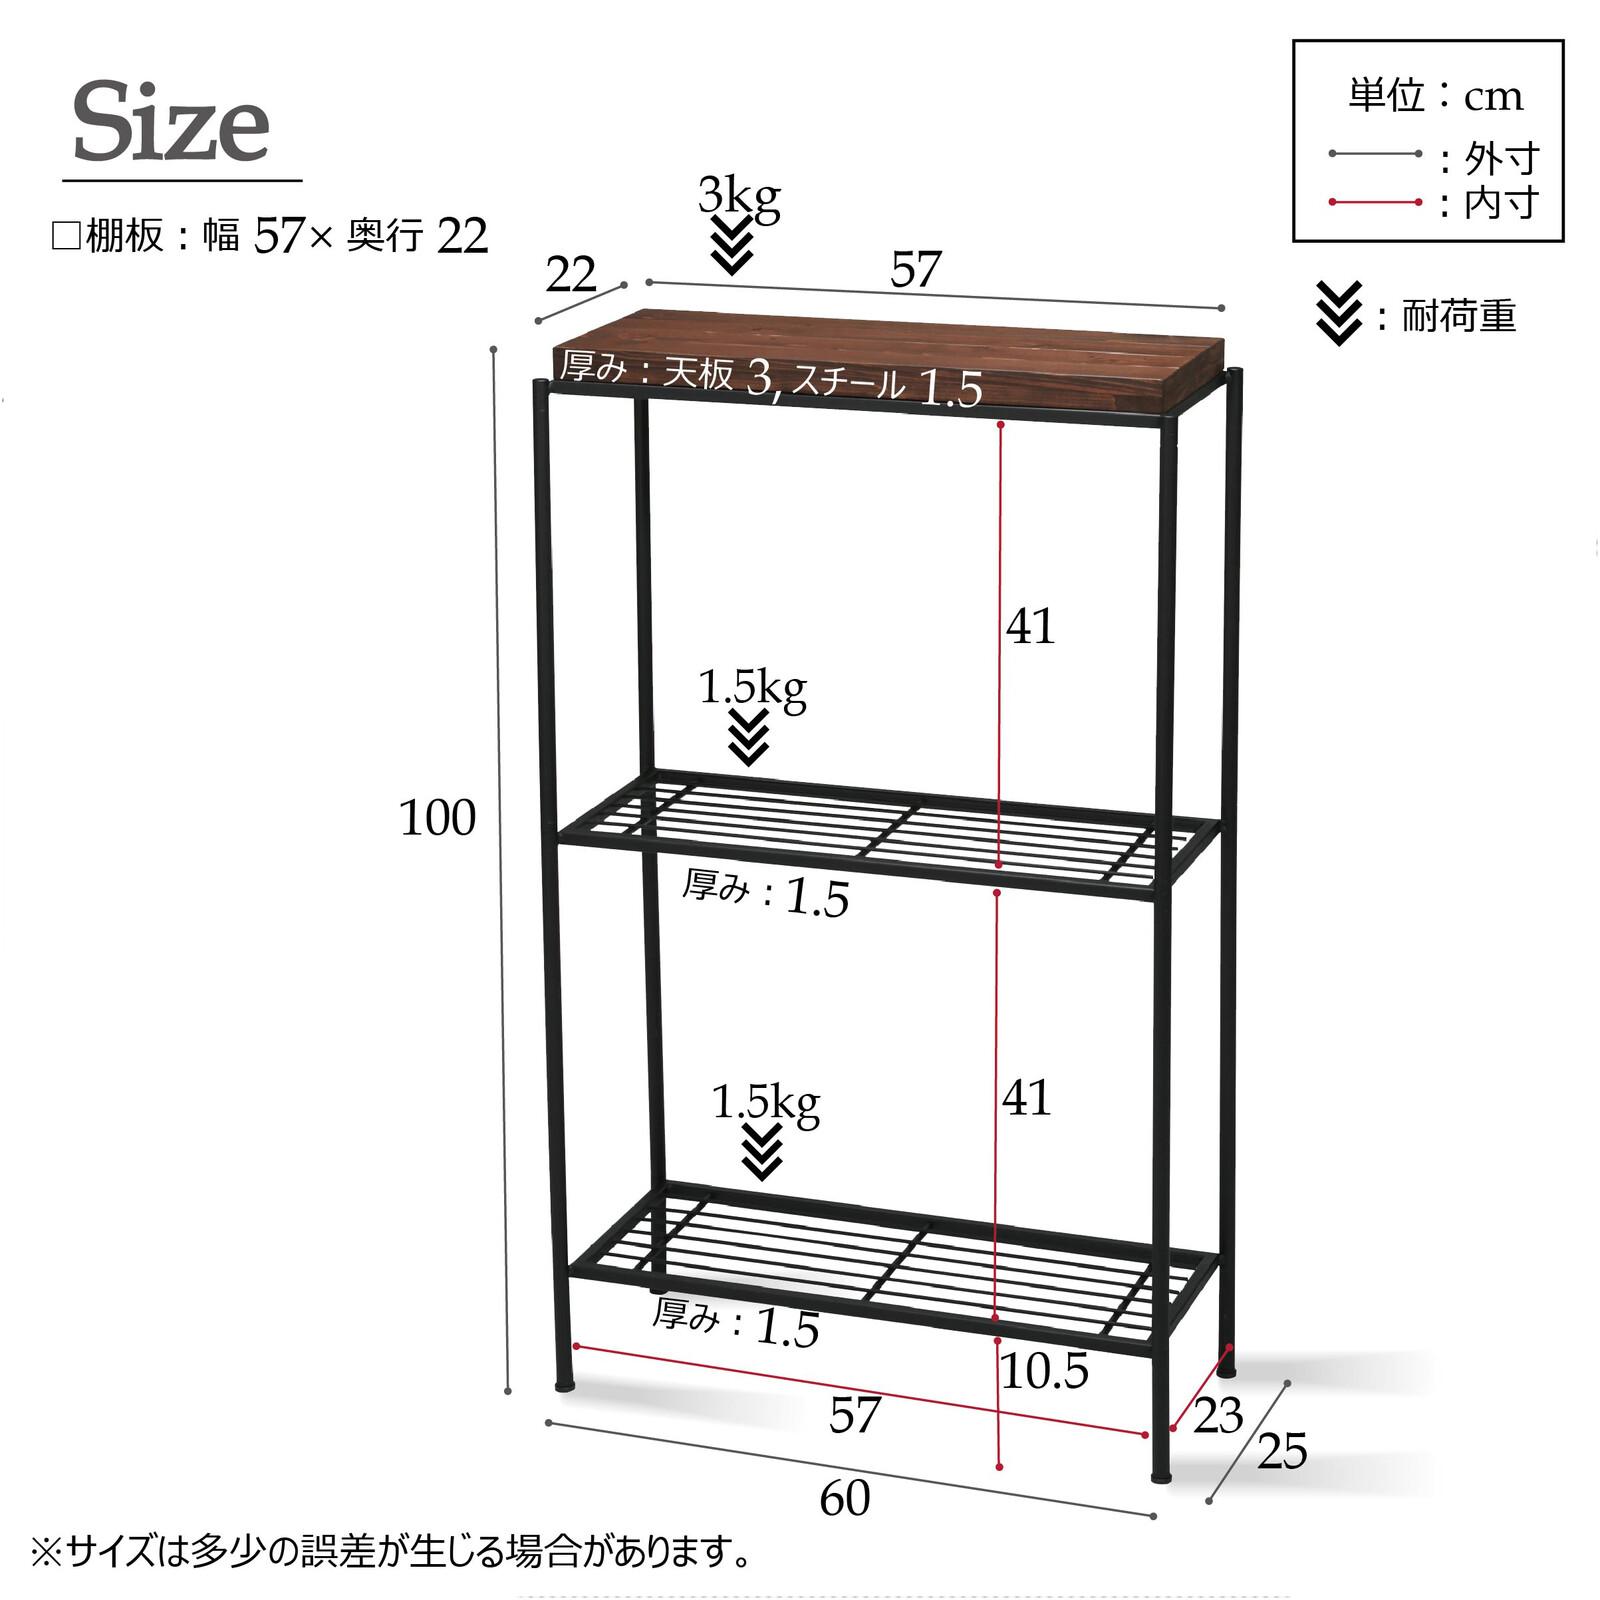 【サブスク専用】幅60� インダストリアル風 モダン ディスプレイラック 収納棚